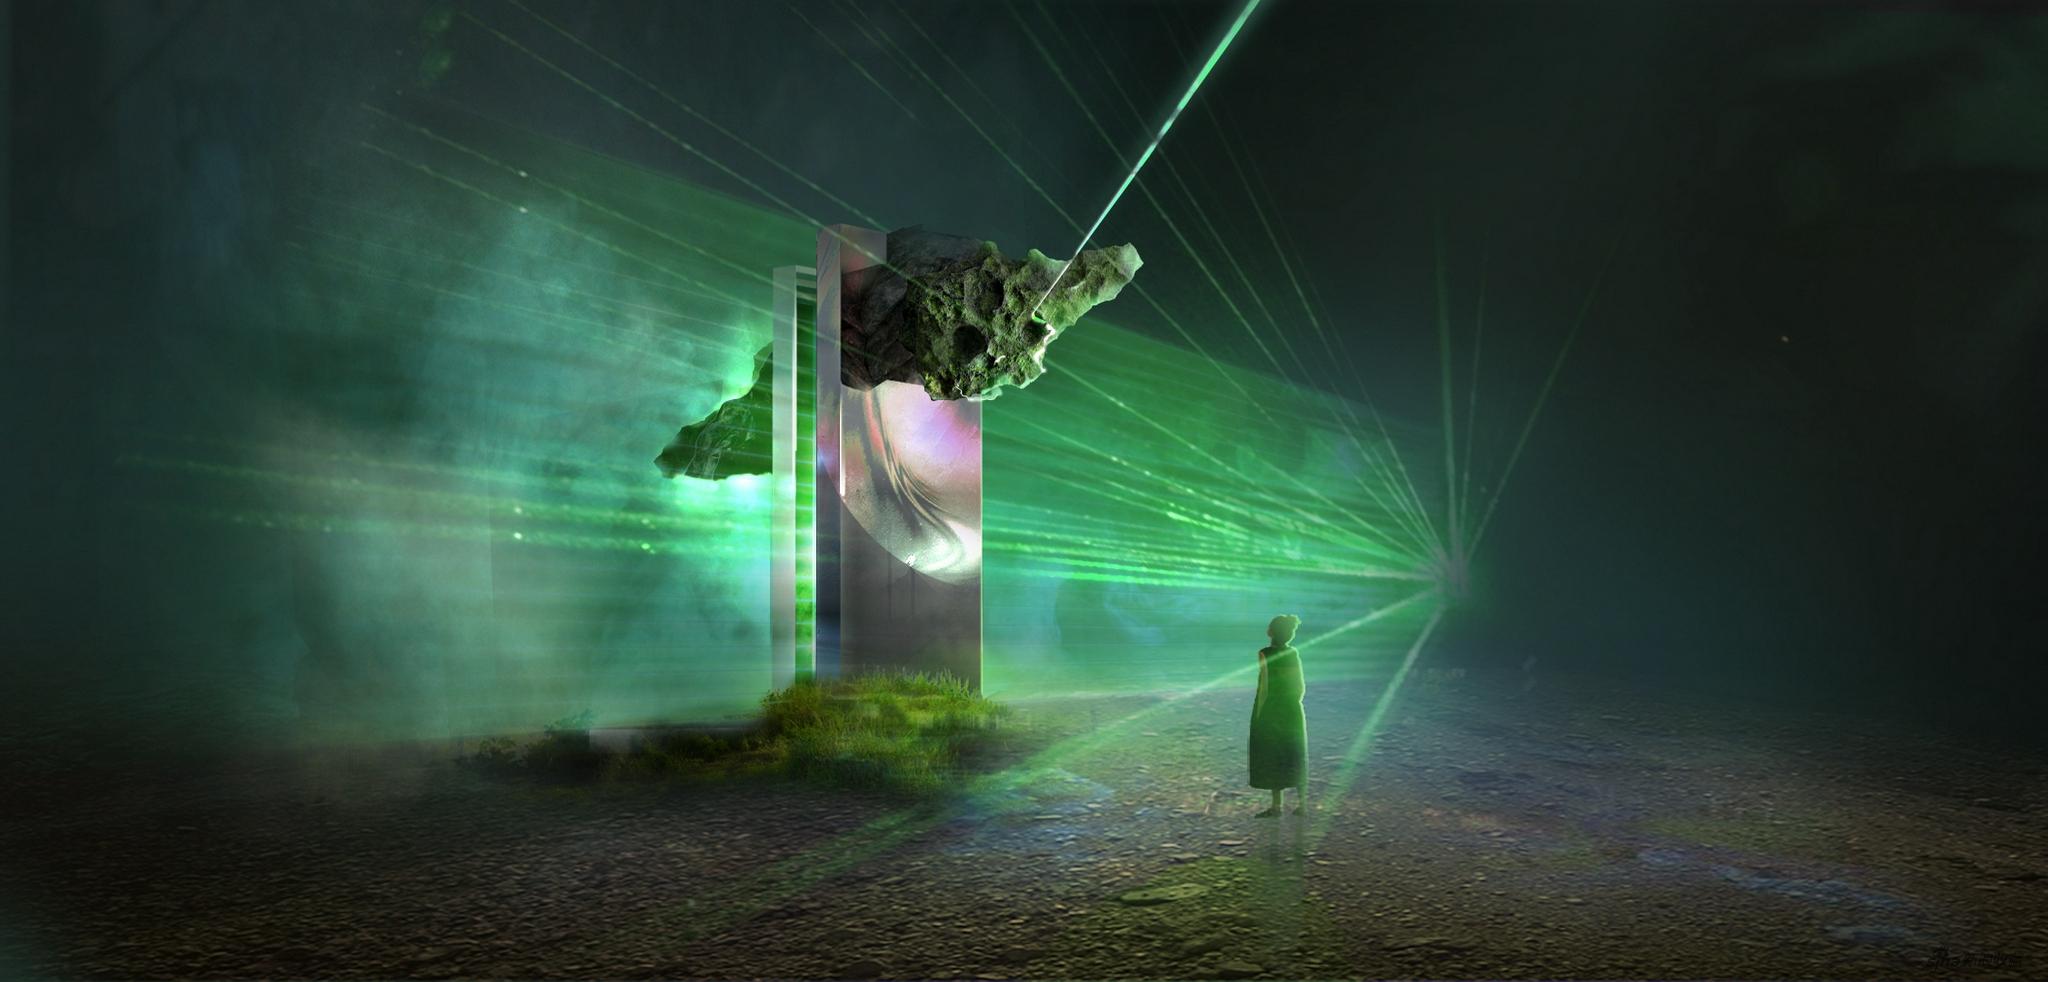 """王志鸥在""""数置""""单元作品效果图,《PROTOTYPE II》,镜面装置,影像 尺寸可变,2021"""